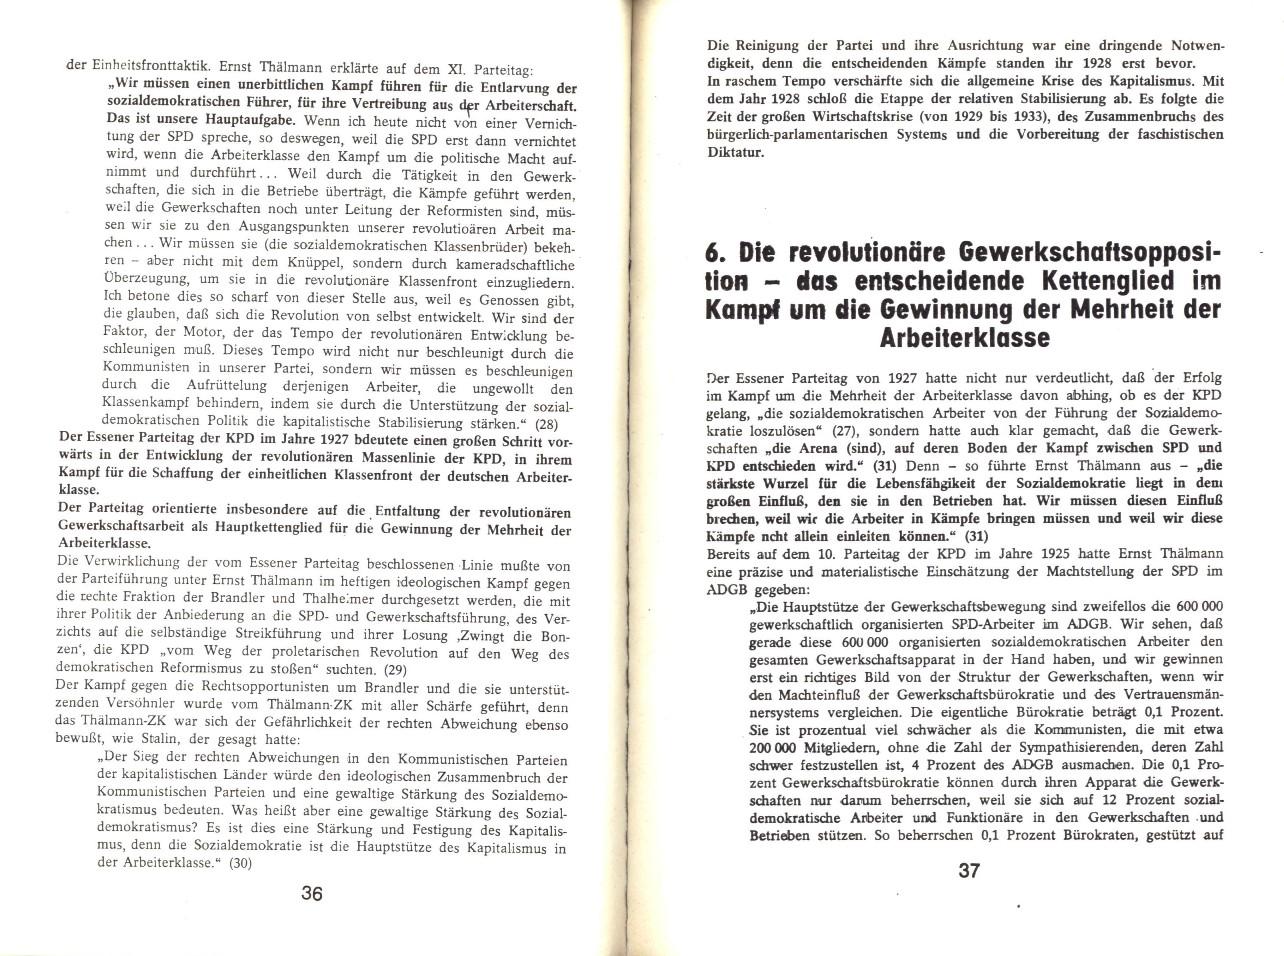 KPDAO_1974_Ernst_Thaelmann_20